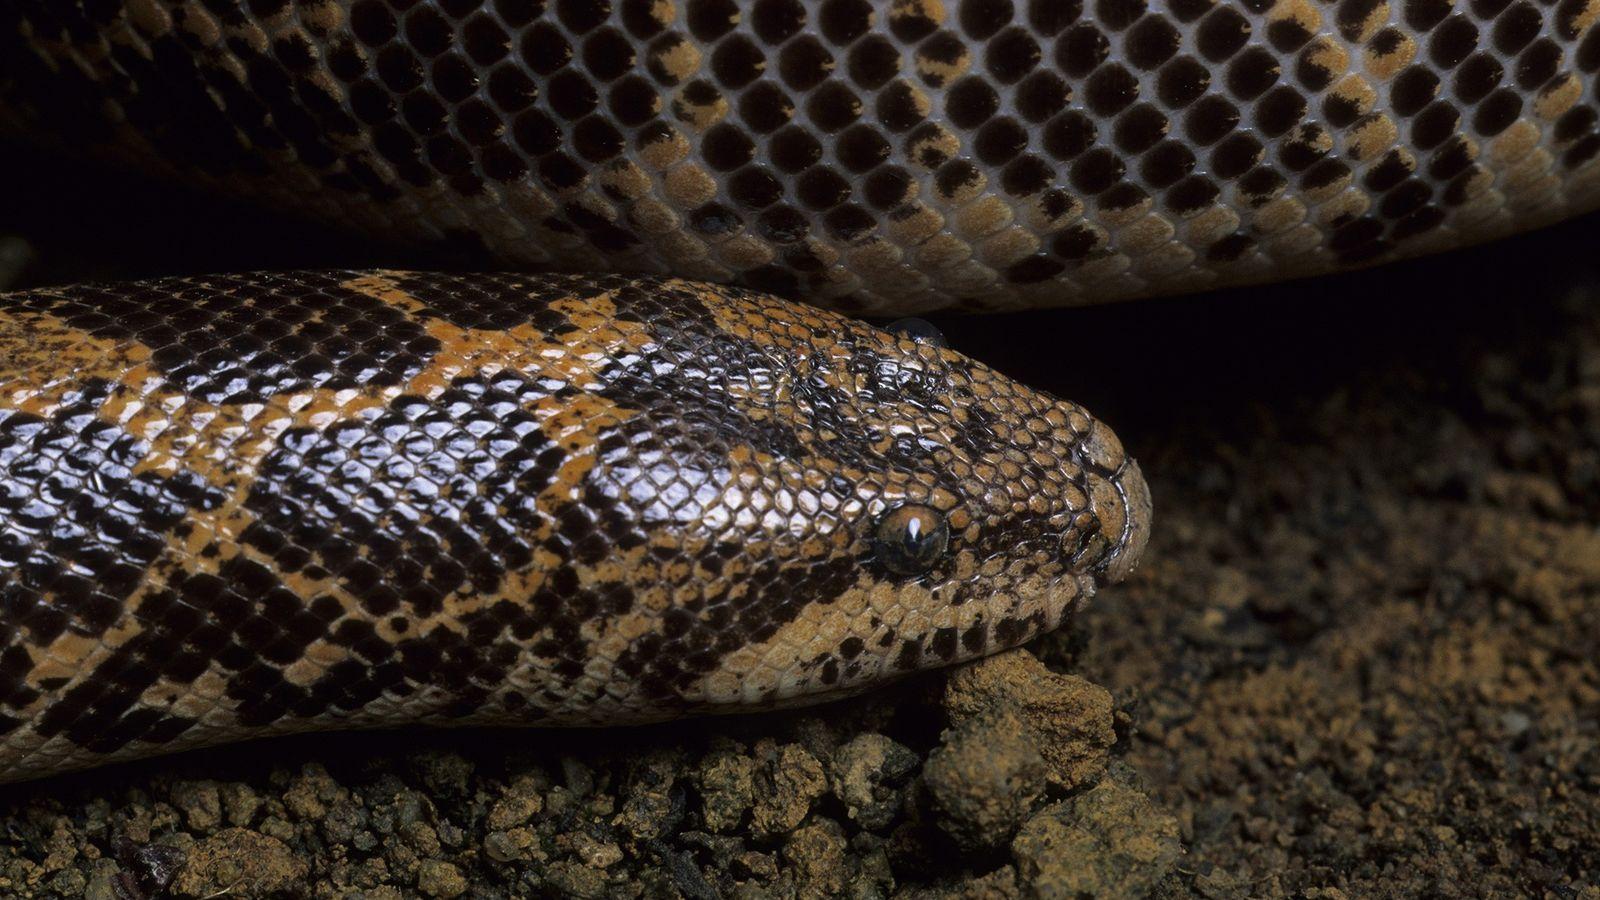 Plus de 4000 reptiles, dont 6 boas des sables du Kenya trouvés dans du fret aérien ...